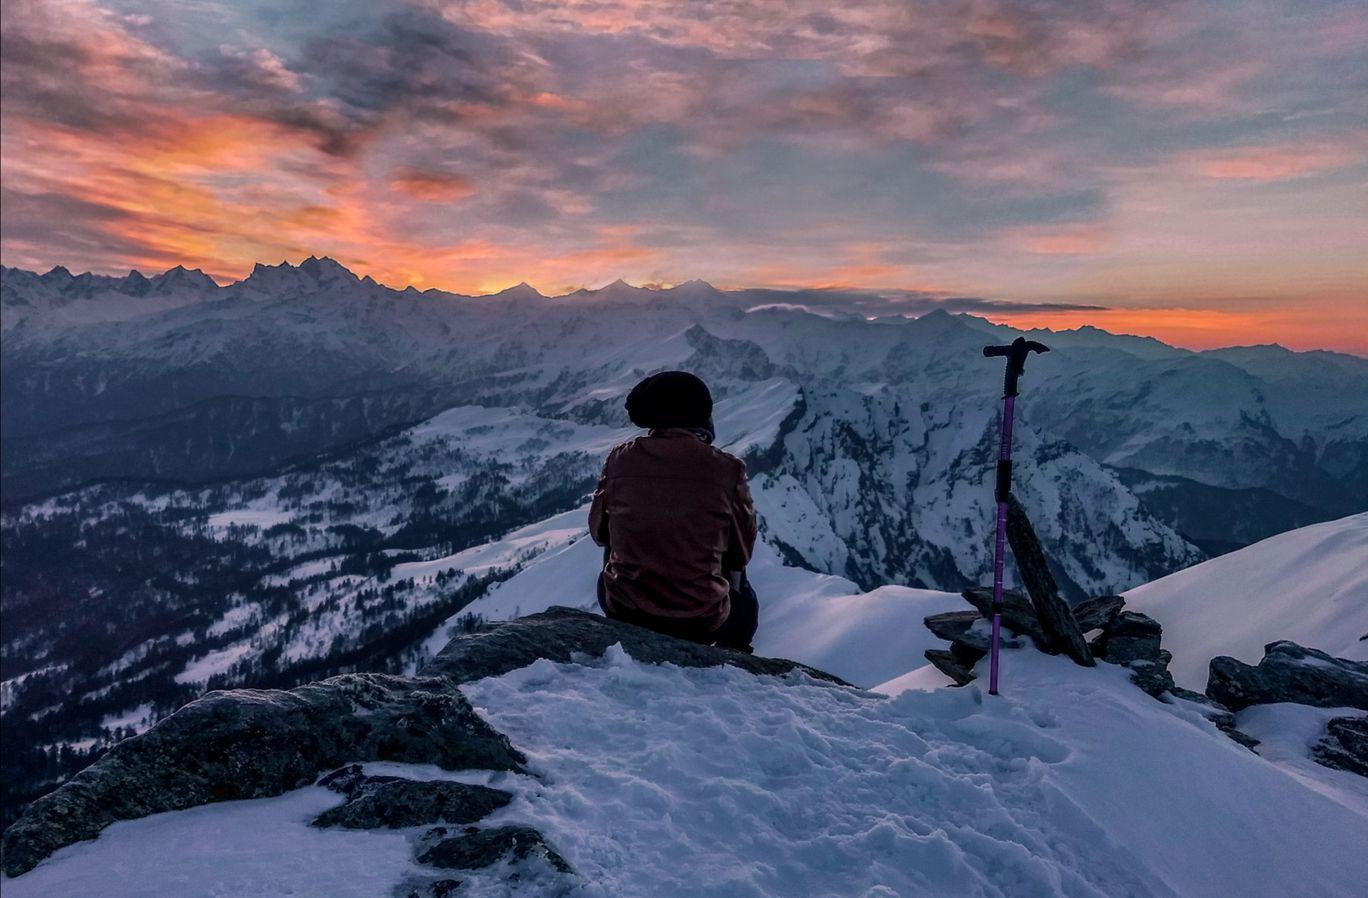 Photo of Kedarkantha Peak By Nayan Singhal